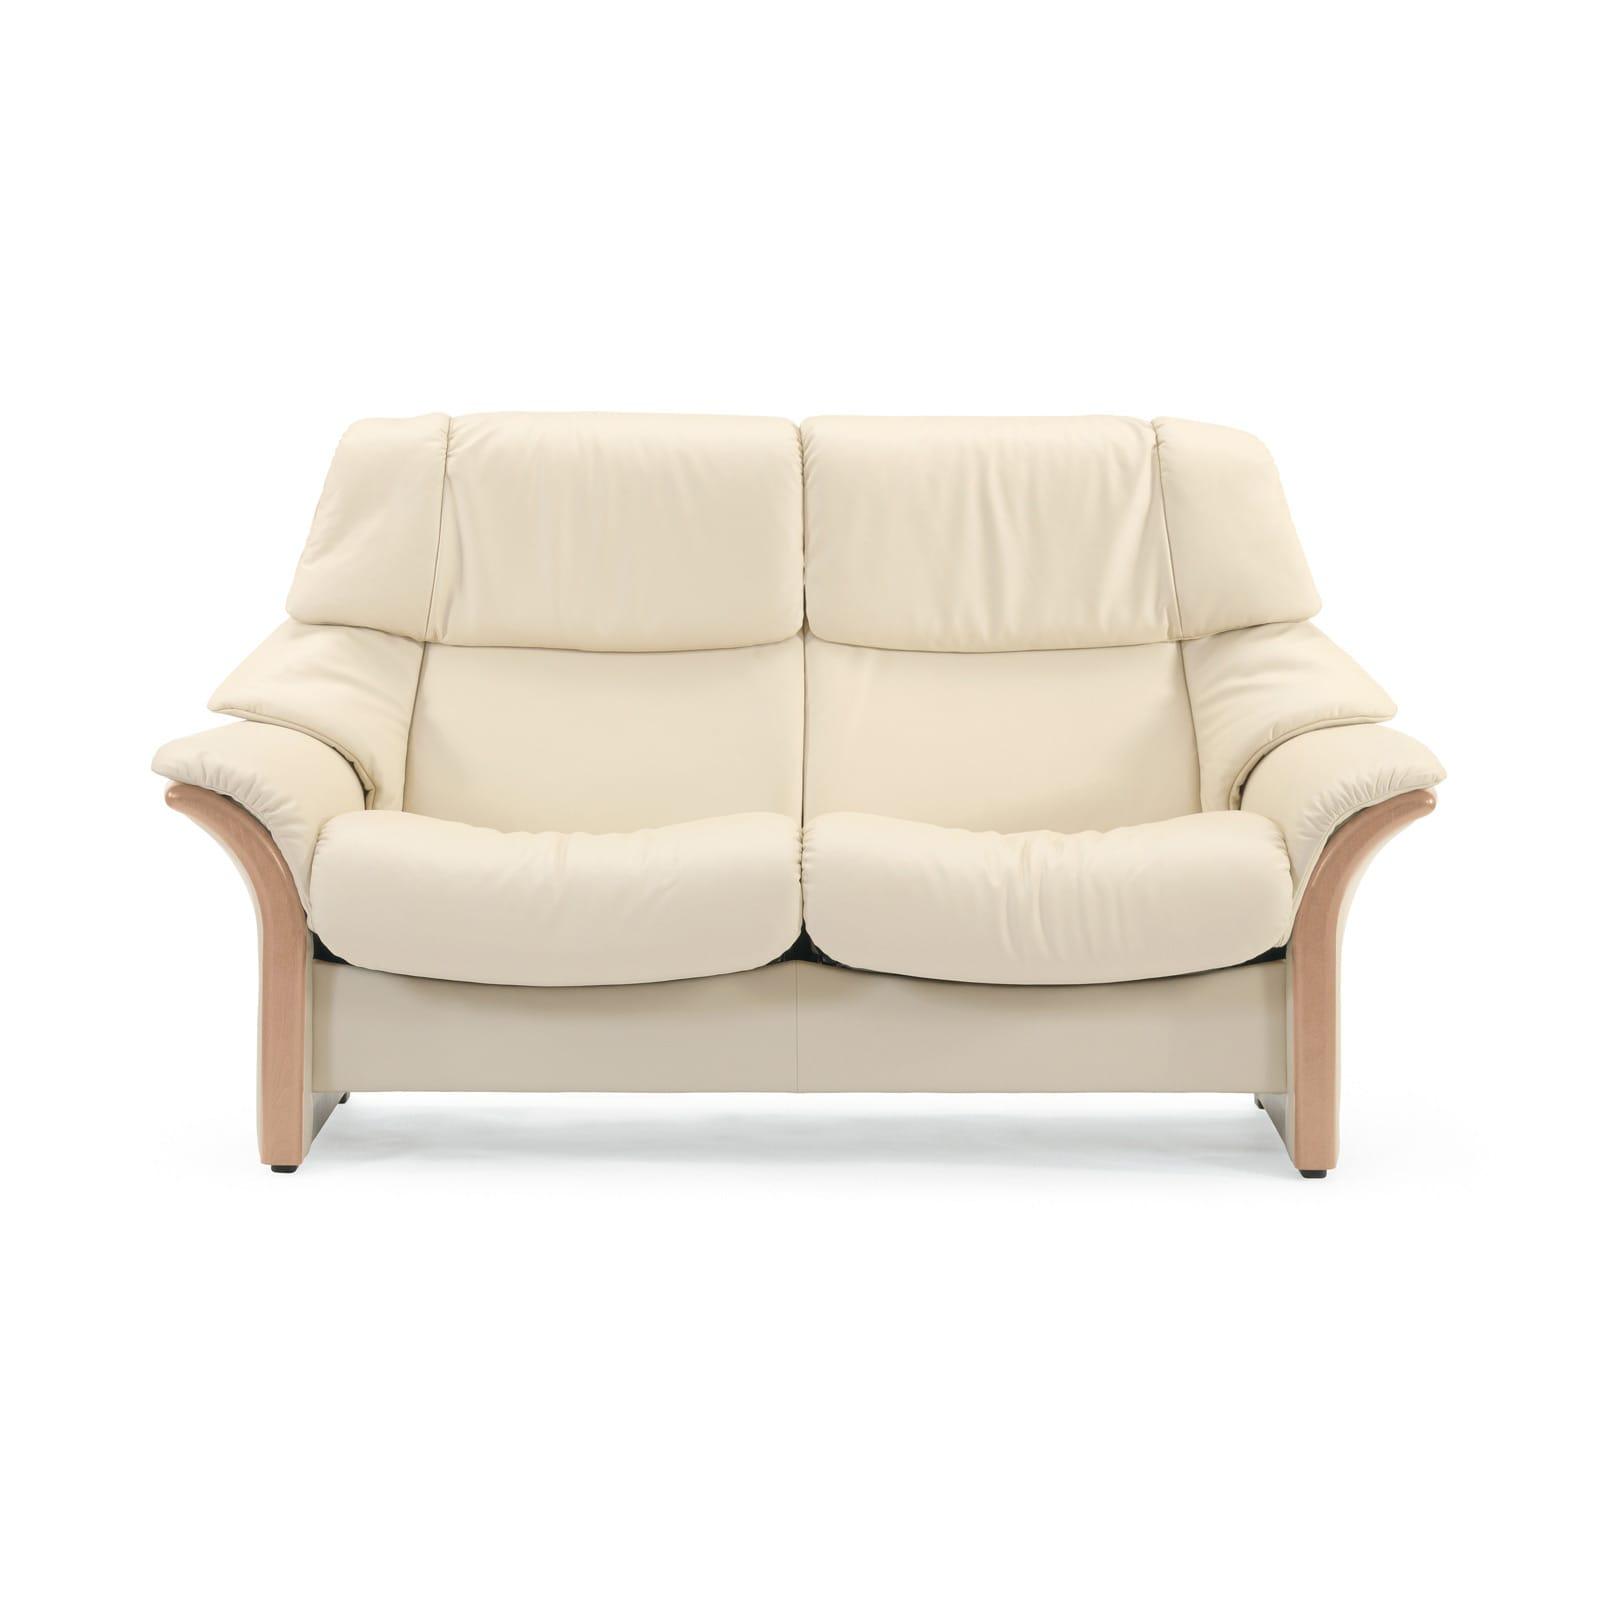 2sitzer couch stunning sitzer sofa mit hocker with 2sitzer couch elegant sofa kaufen gunstig. Black Bedroom Furniture Sets. Home Design Ideas